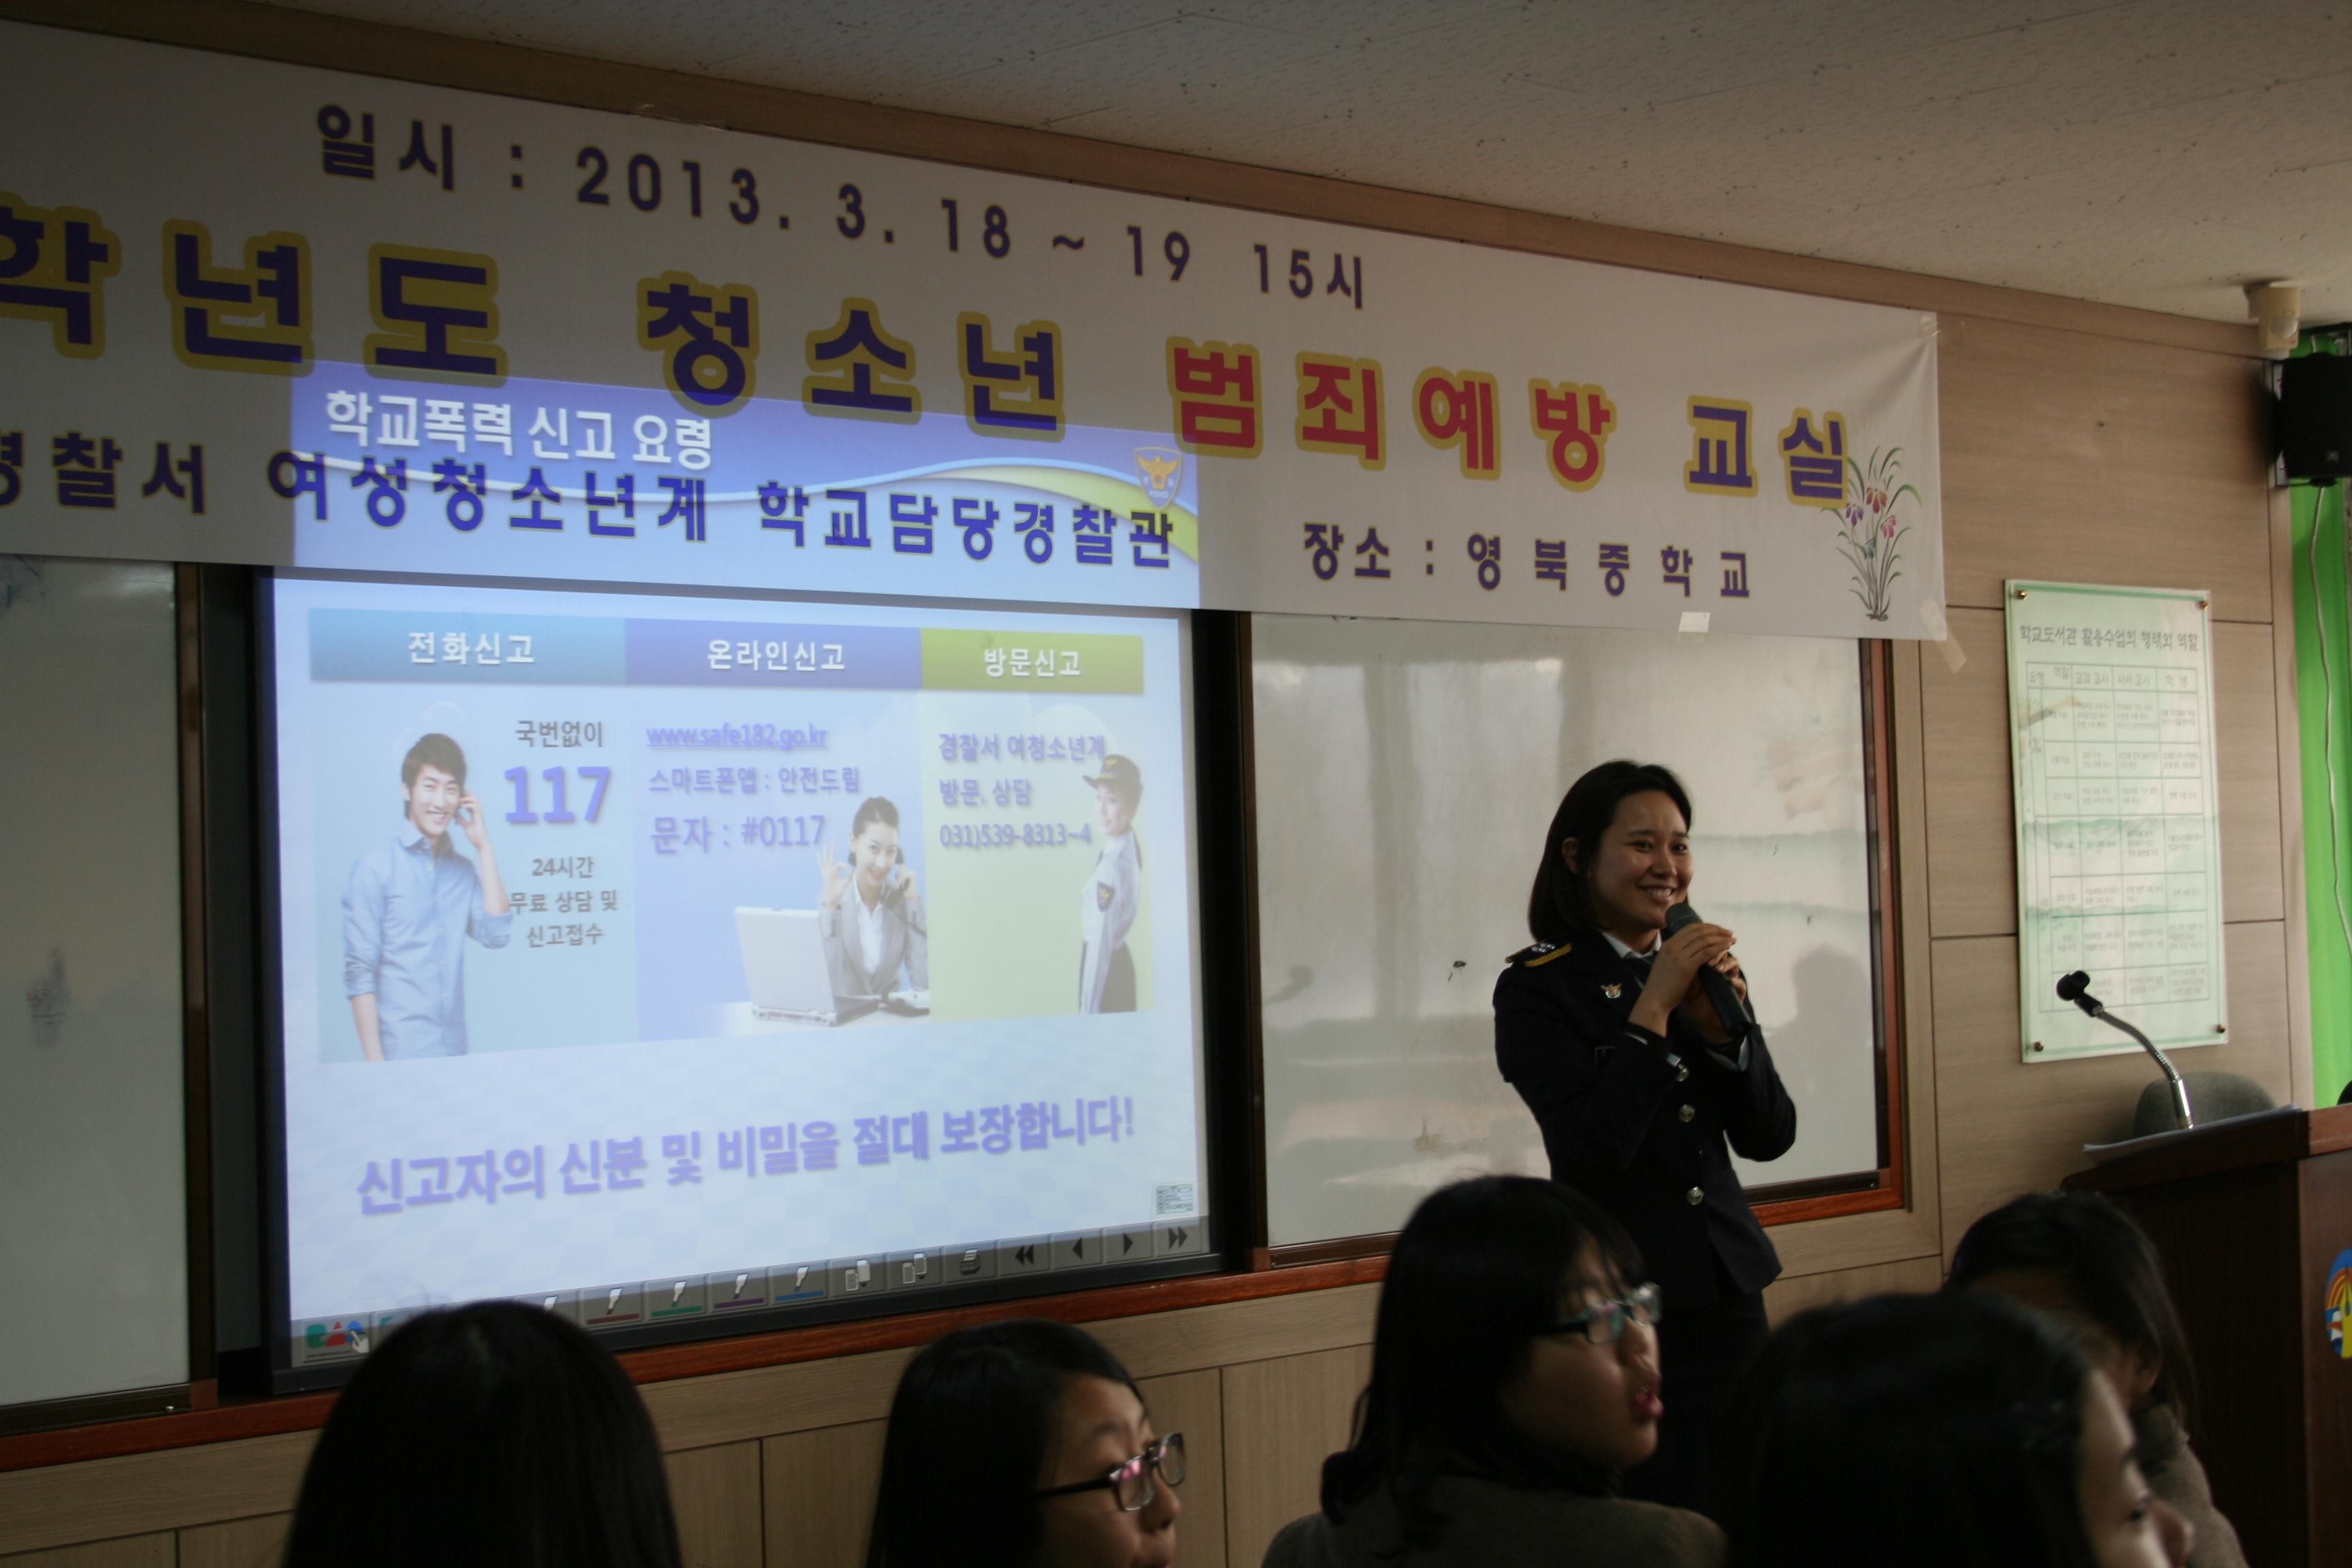 [일반] 2013학년 학교폭력예방교육의 첨부이미지 1